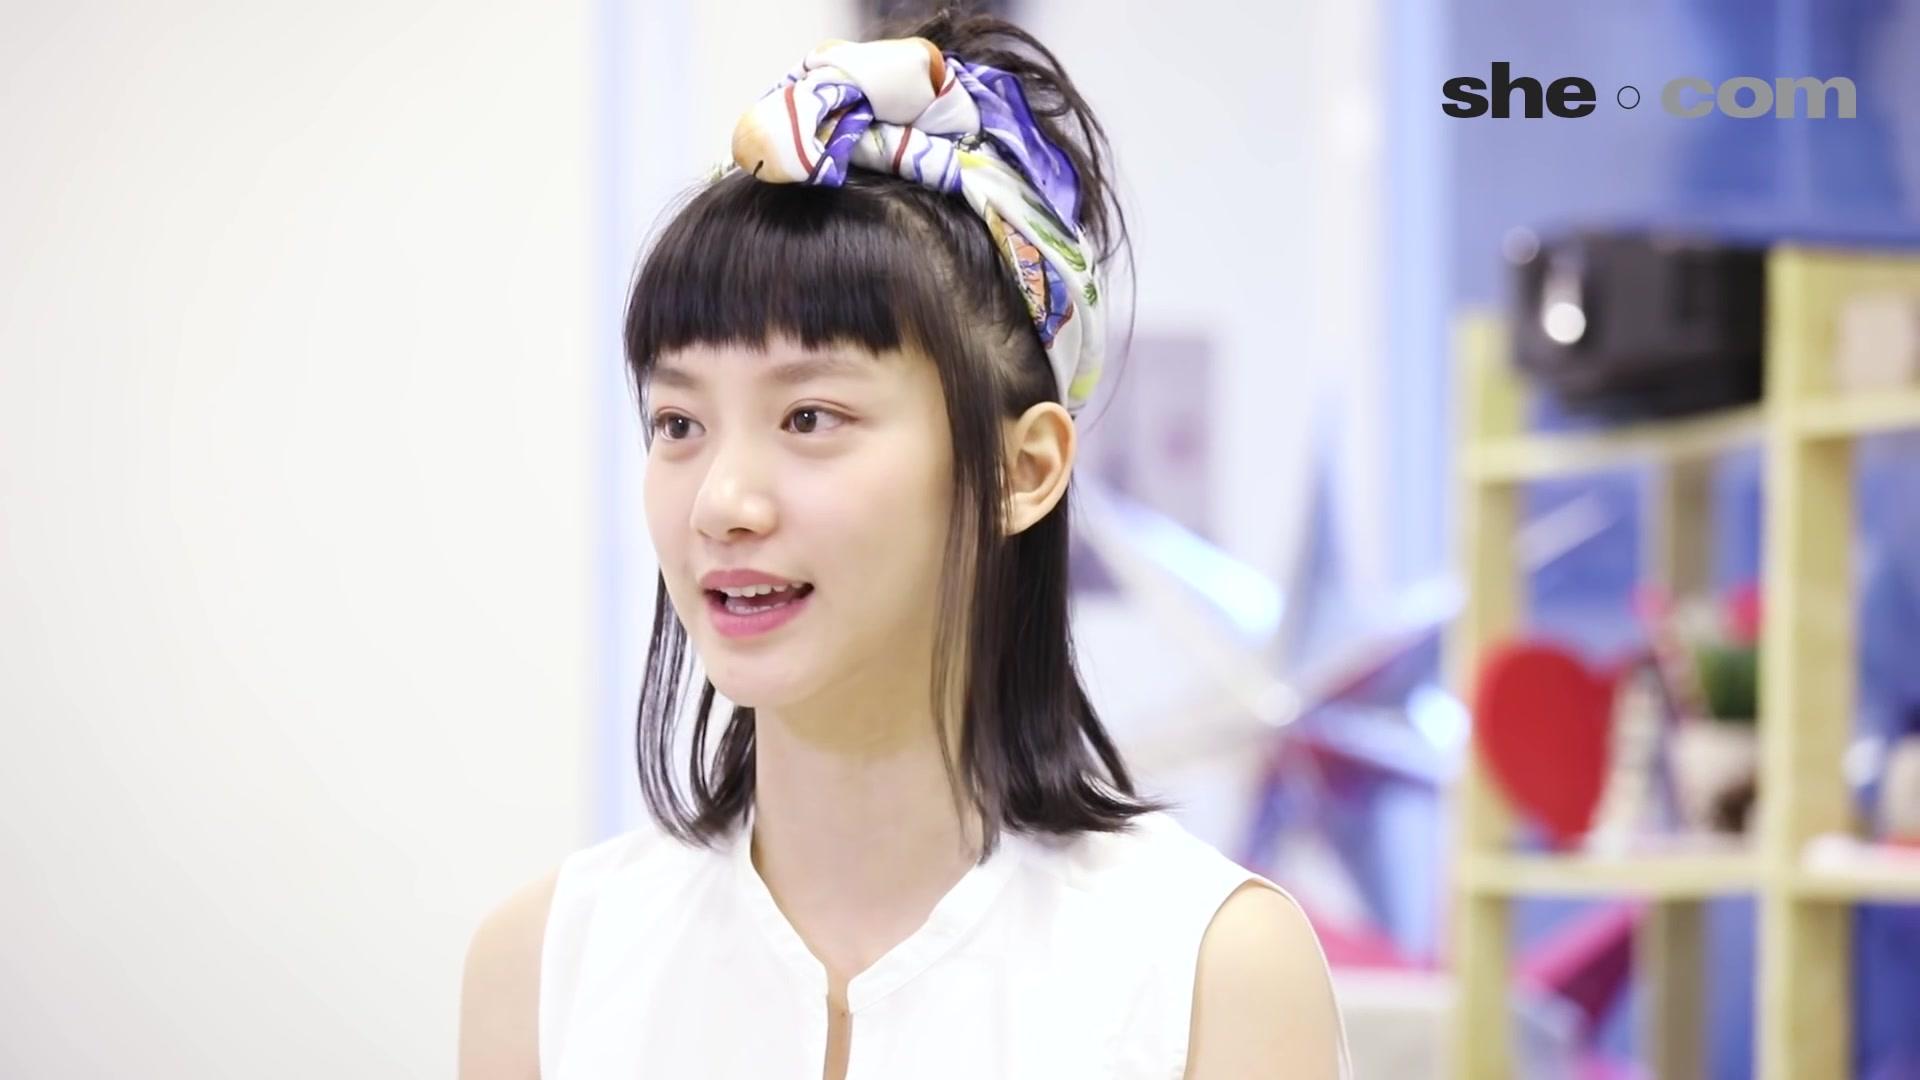 袁澧林_視頻在線觀看-愛奇藝搜索